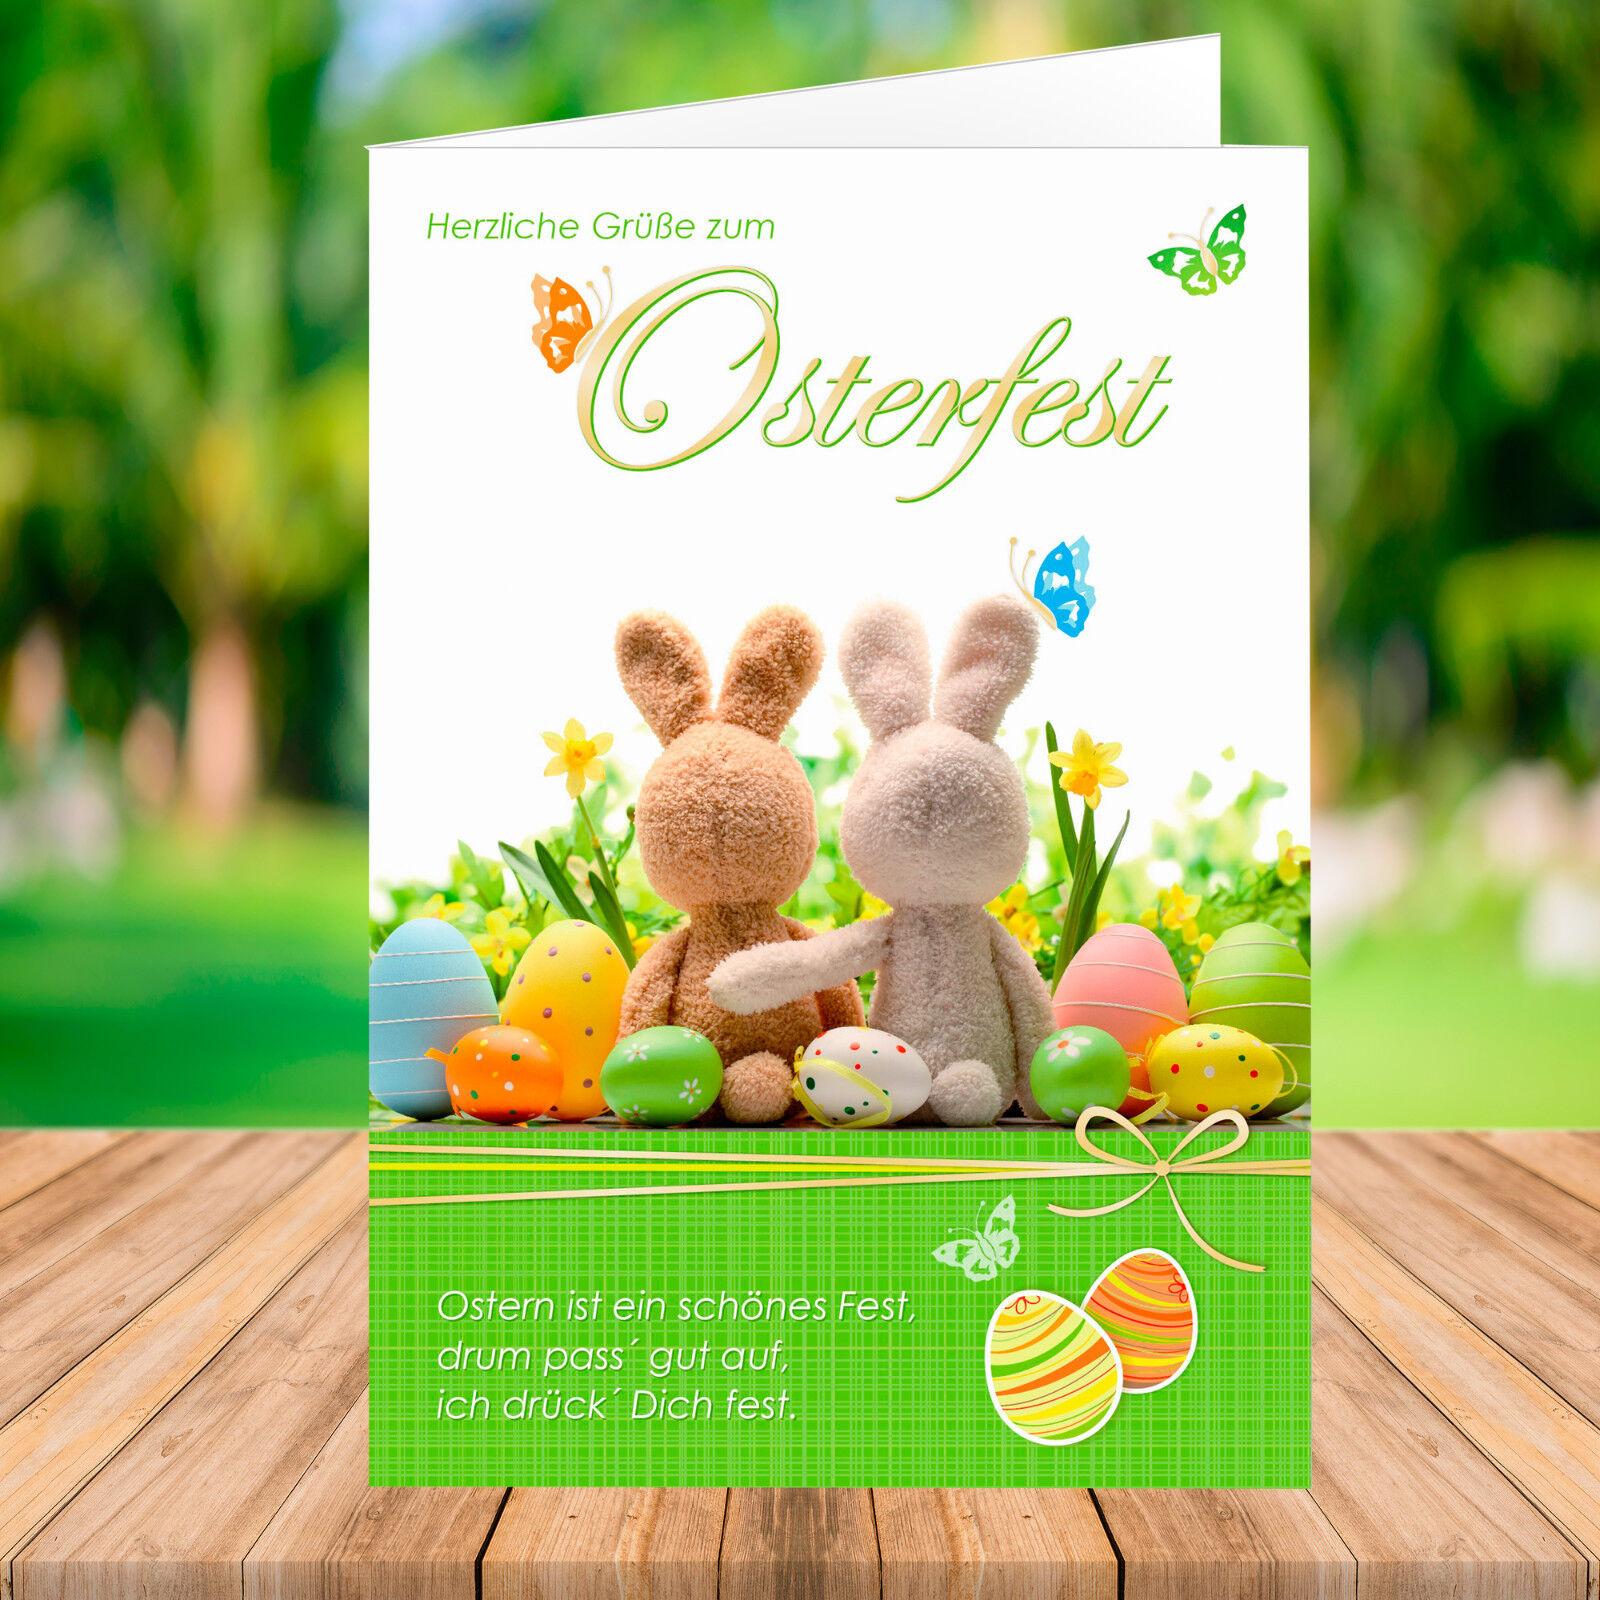 10   20   50   100 PREMIUM Osterkarte mit Umschlag - Grußkarte Ostern   Fein Verarbeitet    Clearance Sale